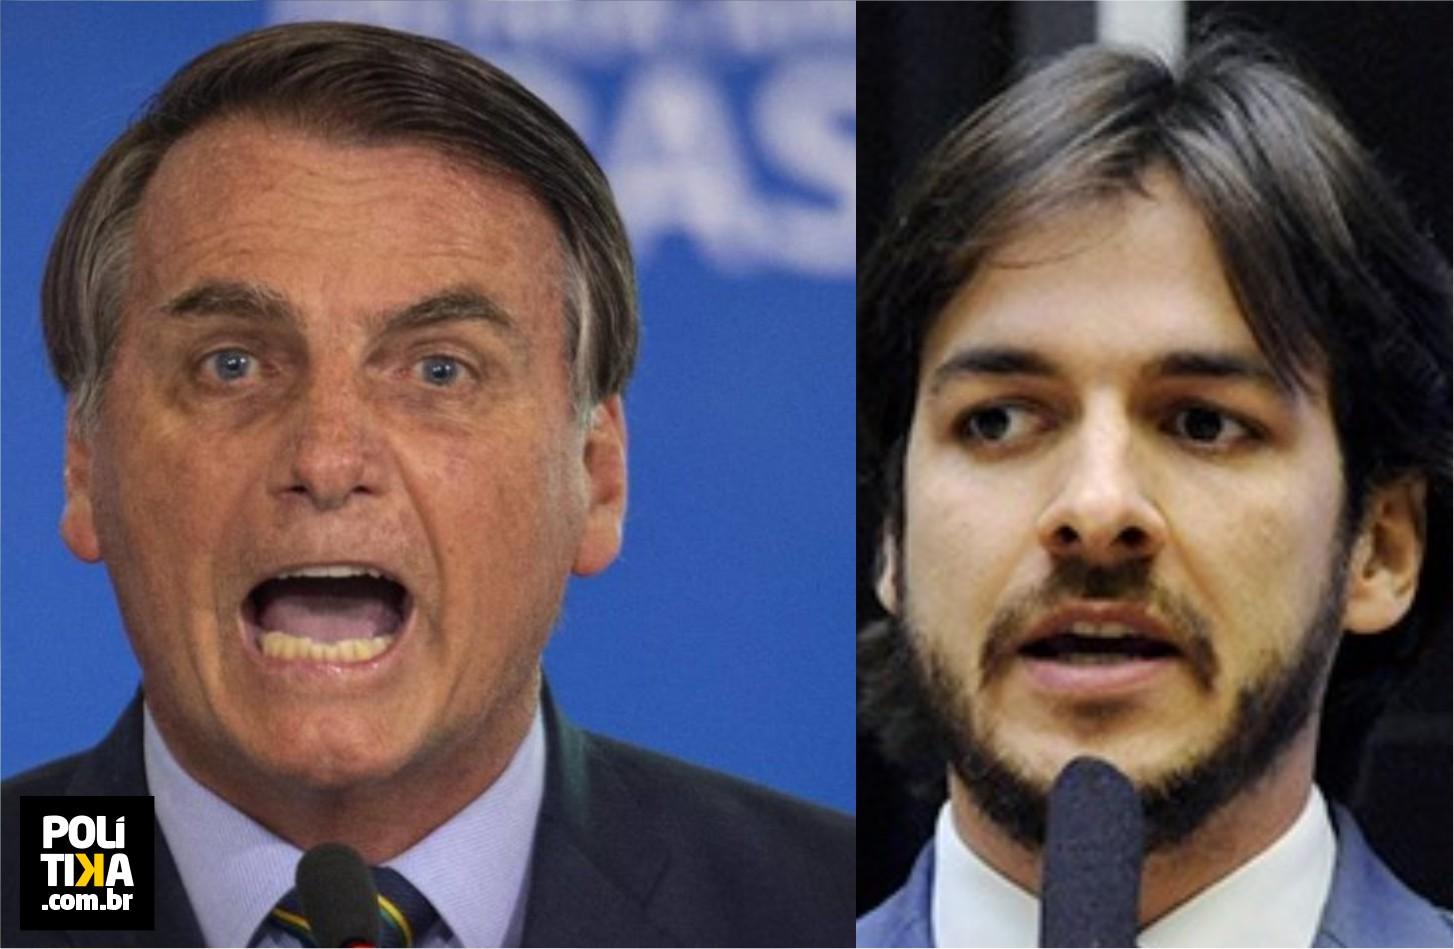 Pedro Cunha Lima segue no mesmo erro do pai